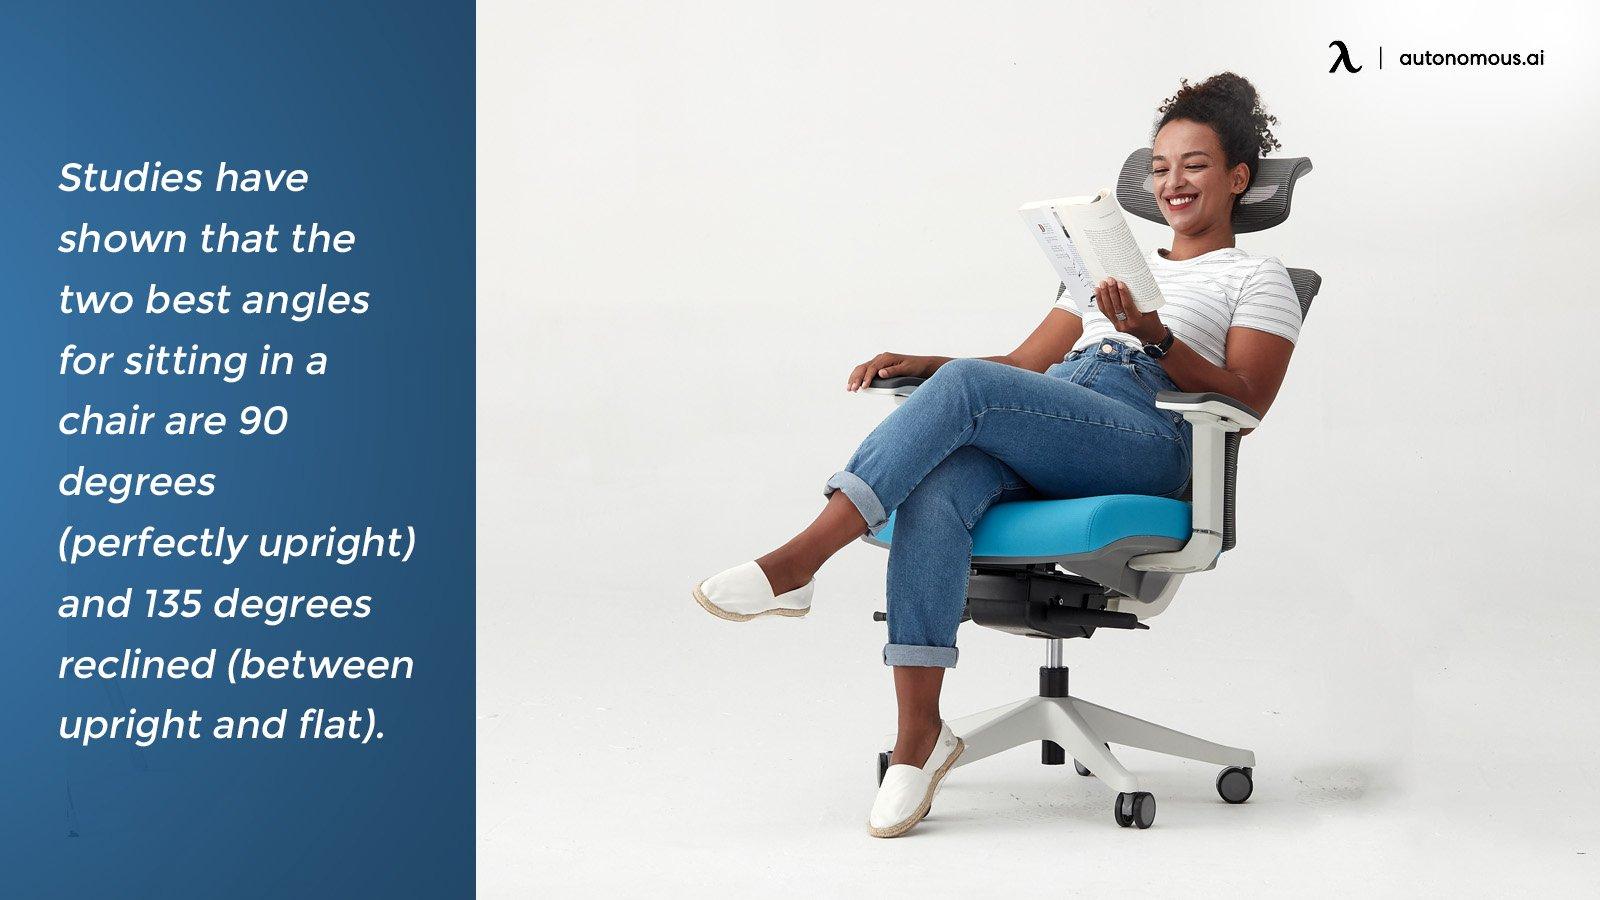 Best ways to sit in chair